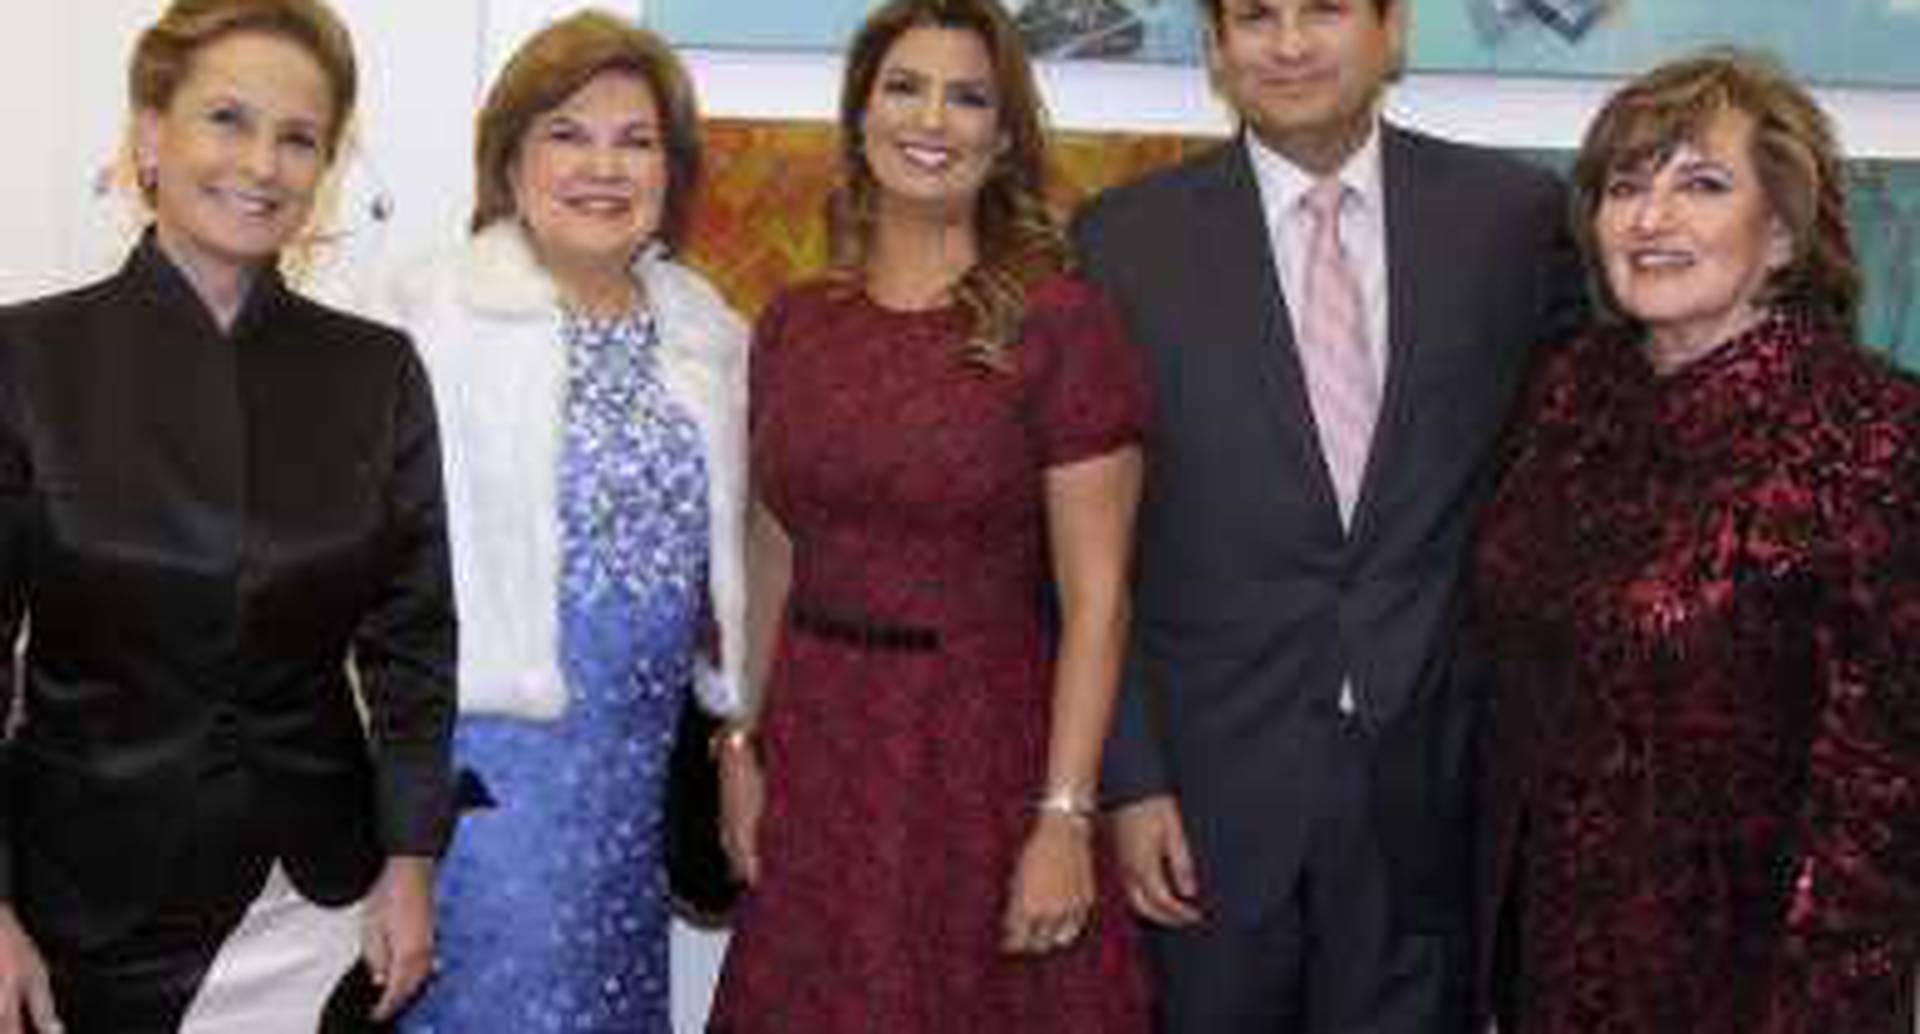 Denise Ratinoff, Zonia de Barguil, Vivi Barguil de Sarmiento, Luis Carlos Sarmiento Gutiérrez y María Victoria Estrada.